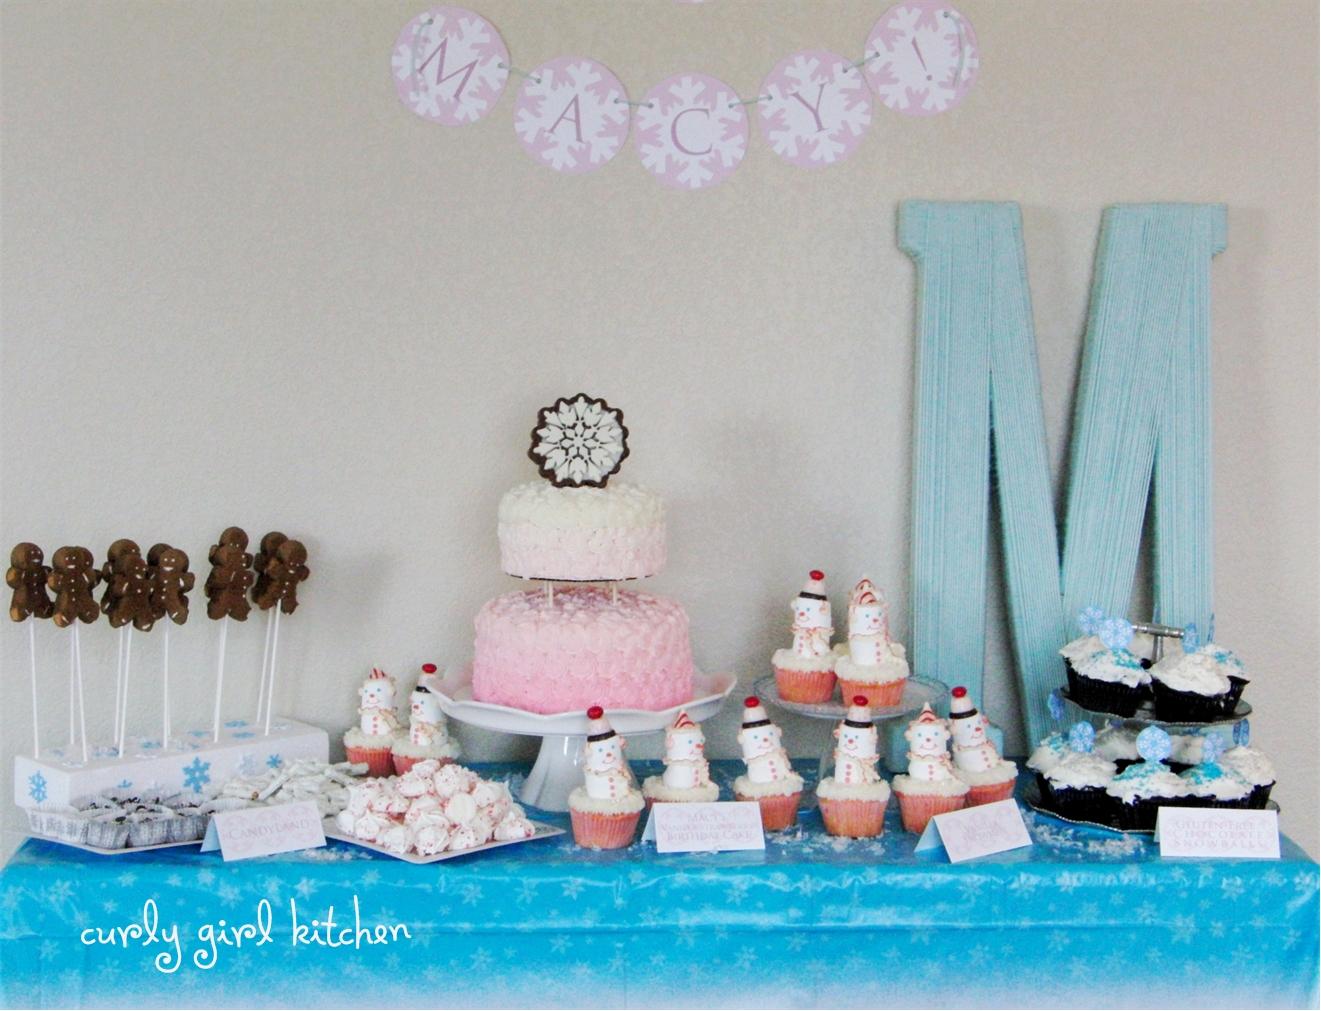 Curly Girl Kitchen: a Winter Wonderland Birthday Party